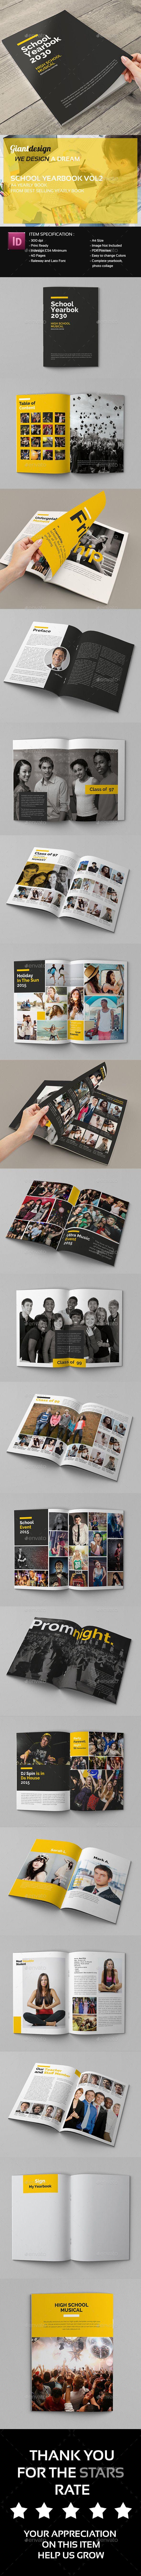 School Yearbook Vol2 | Anuarios, Libros de fotografía y Uam